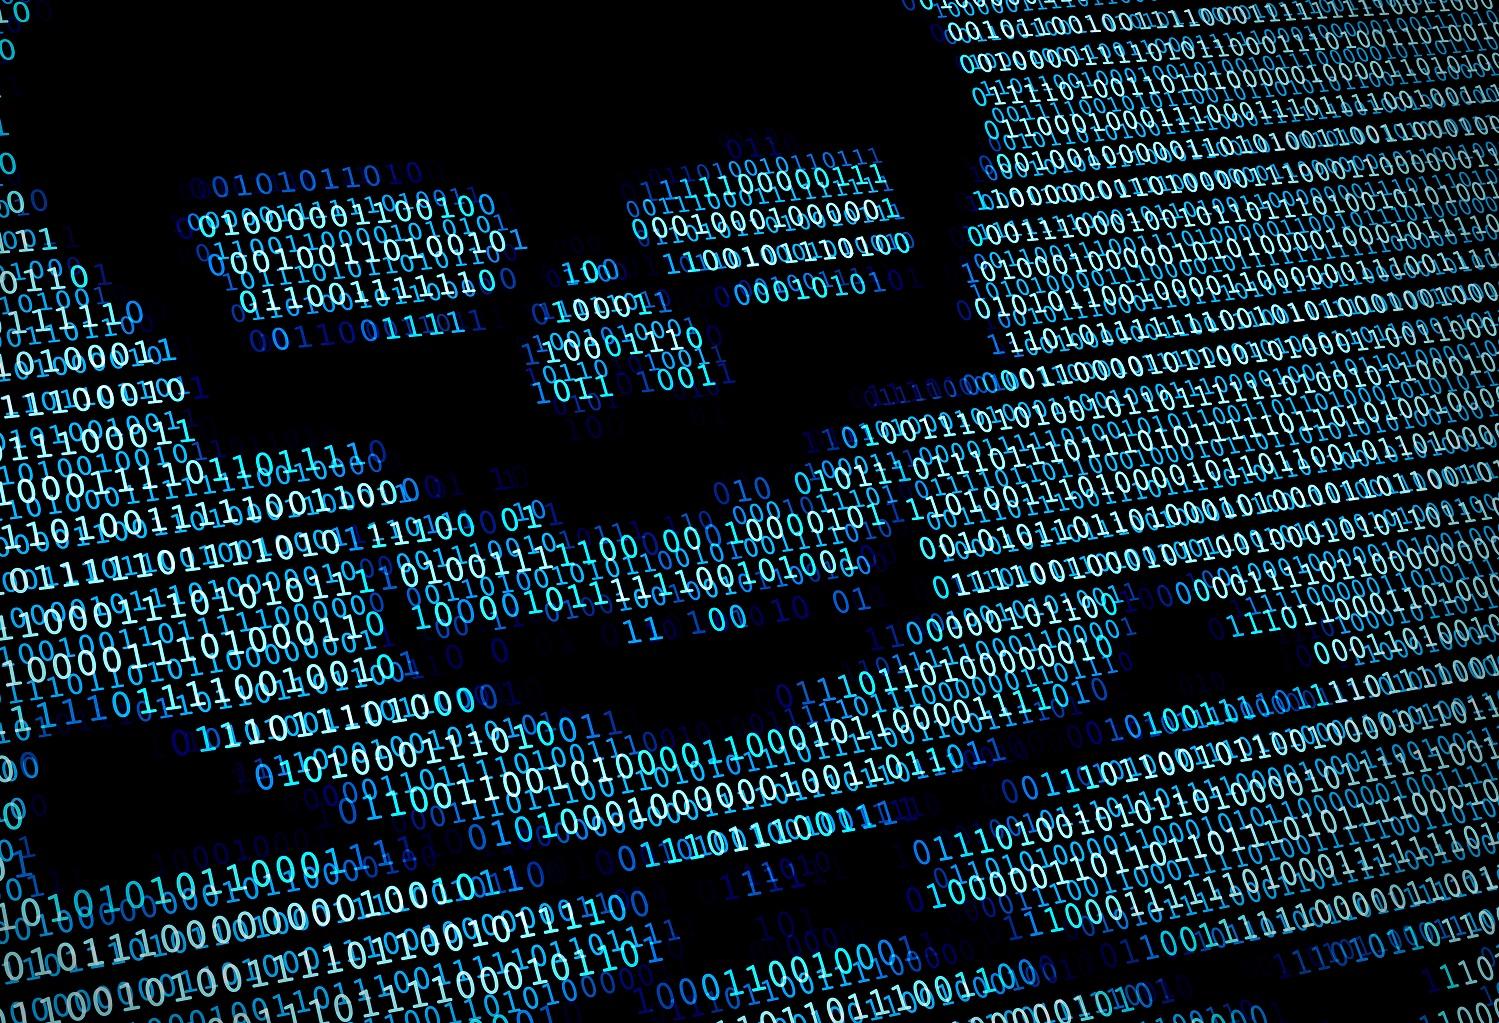 40 mila Mac infettati da un malware misterioso: non si capisce il suo obiettivo